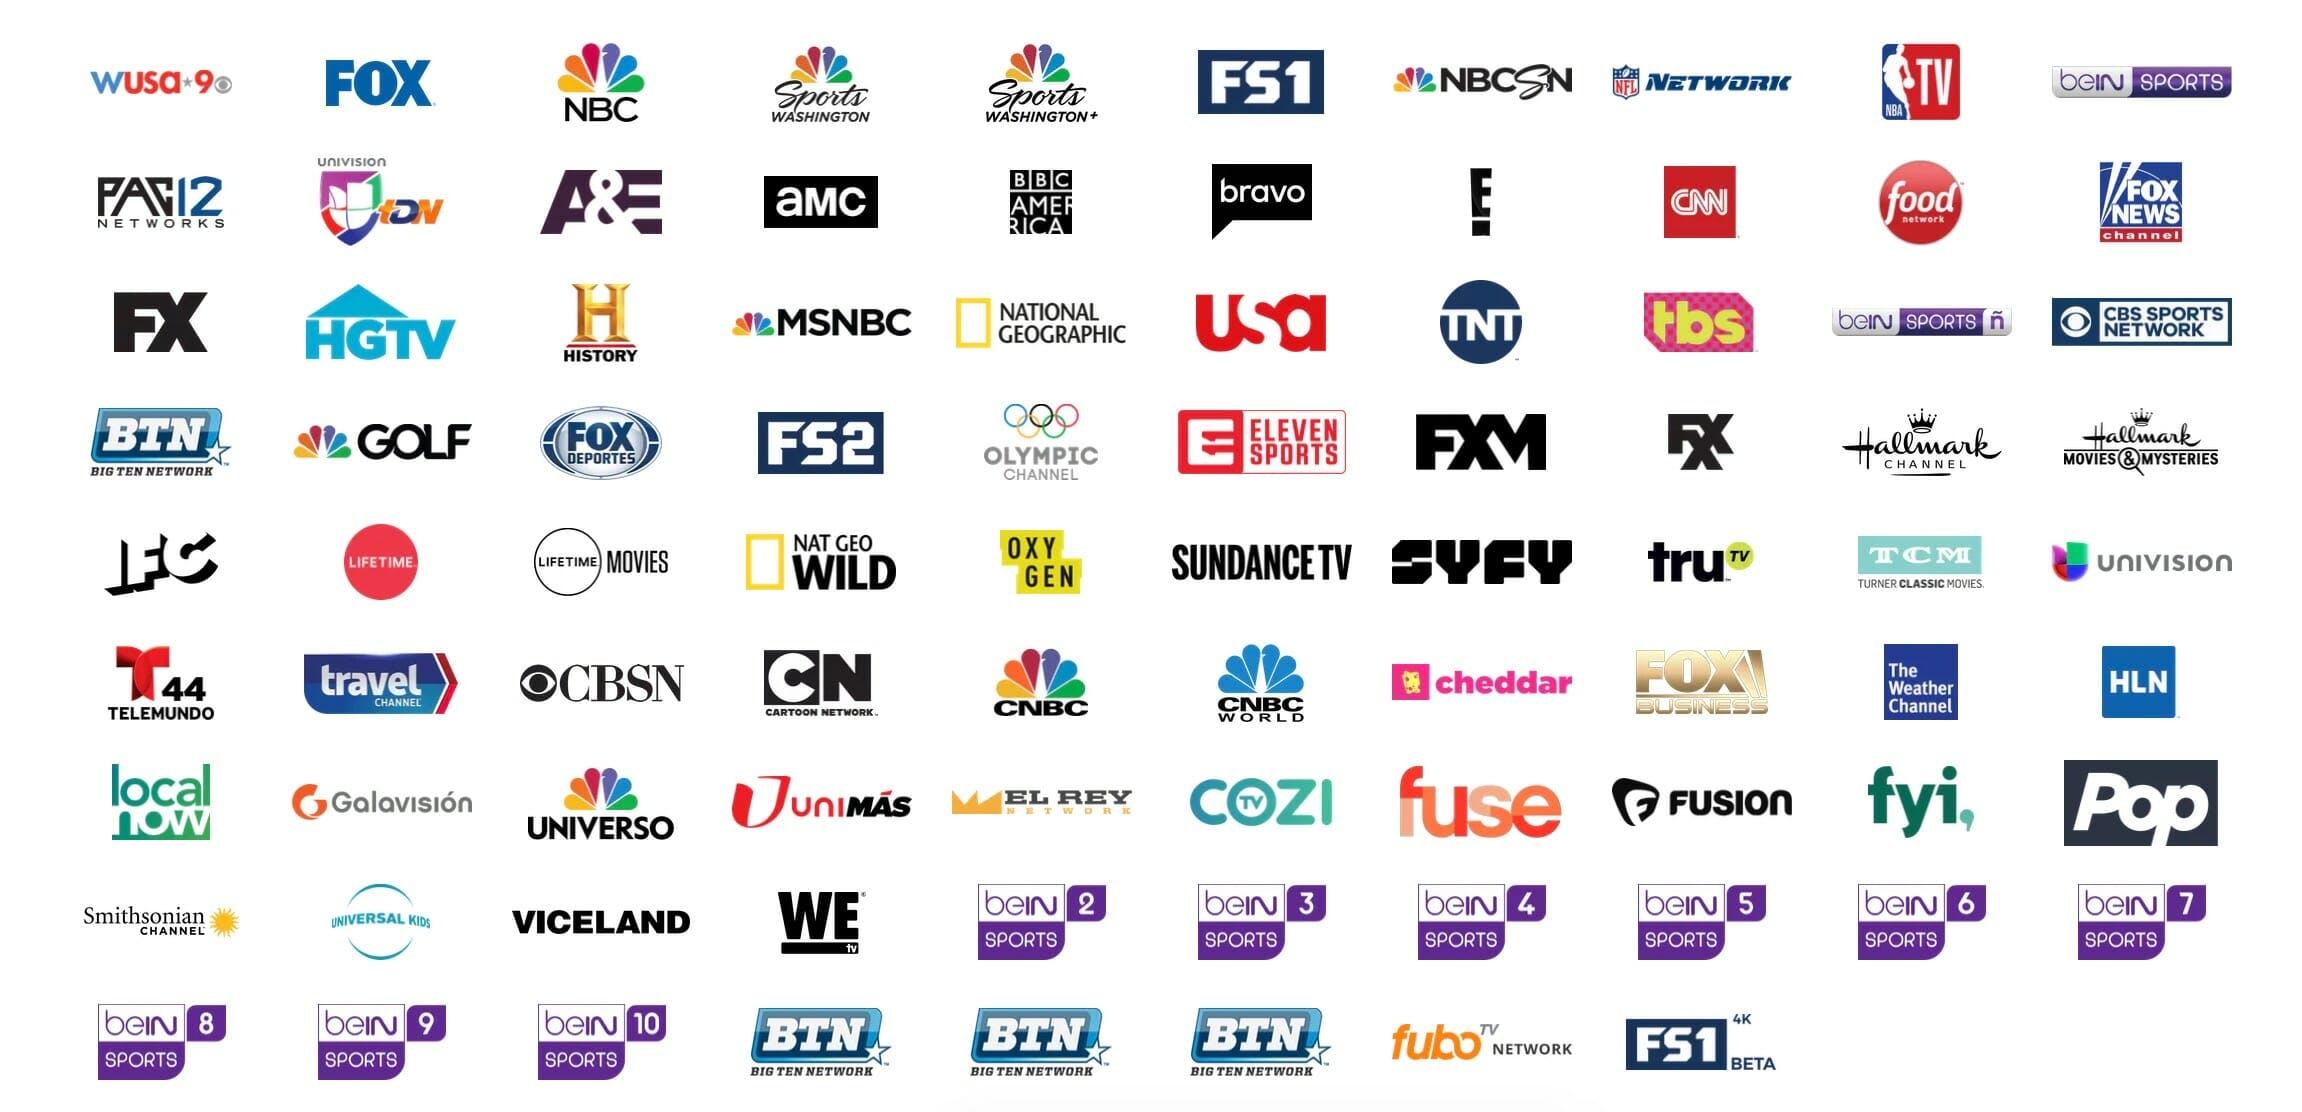 sling tv competitors fubotv channels